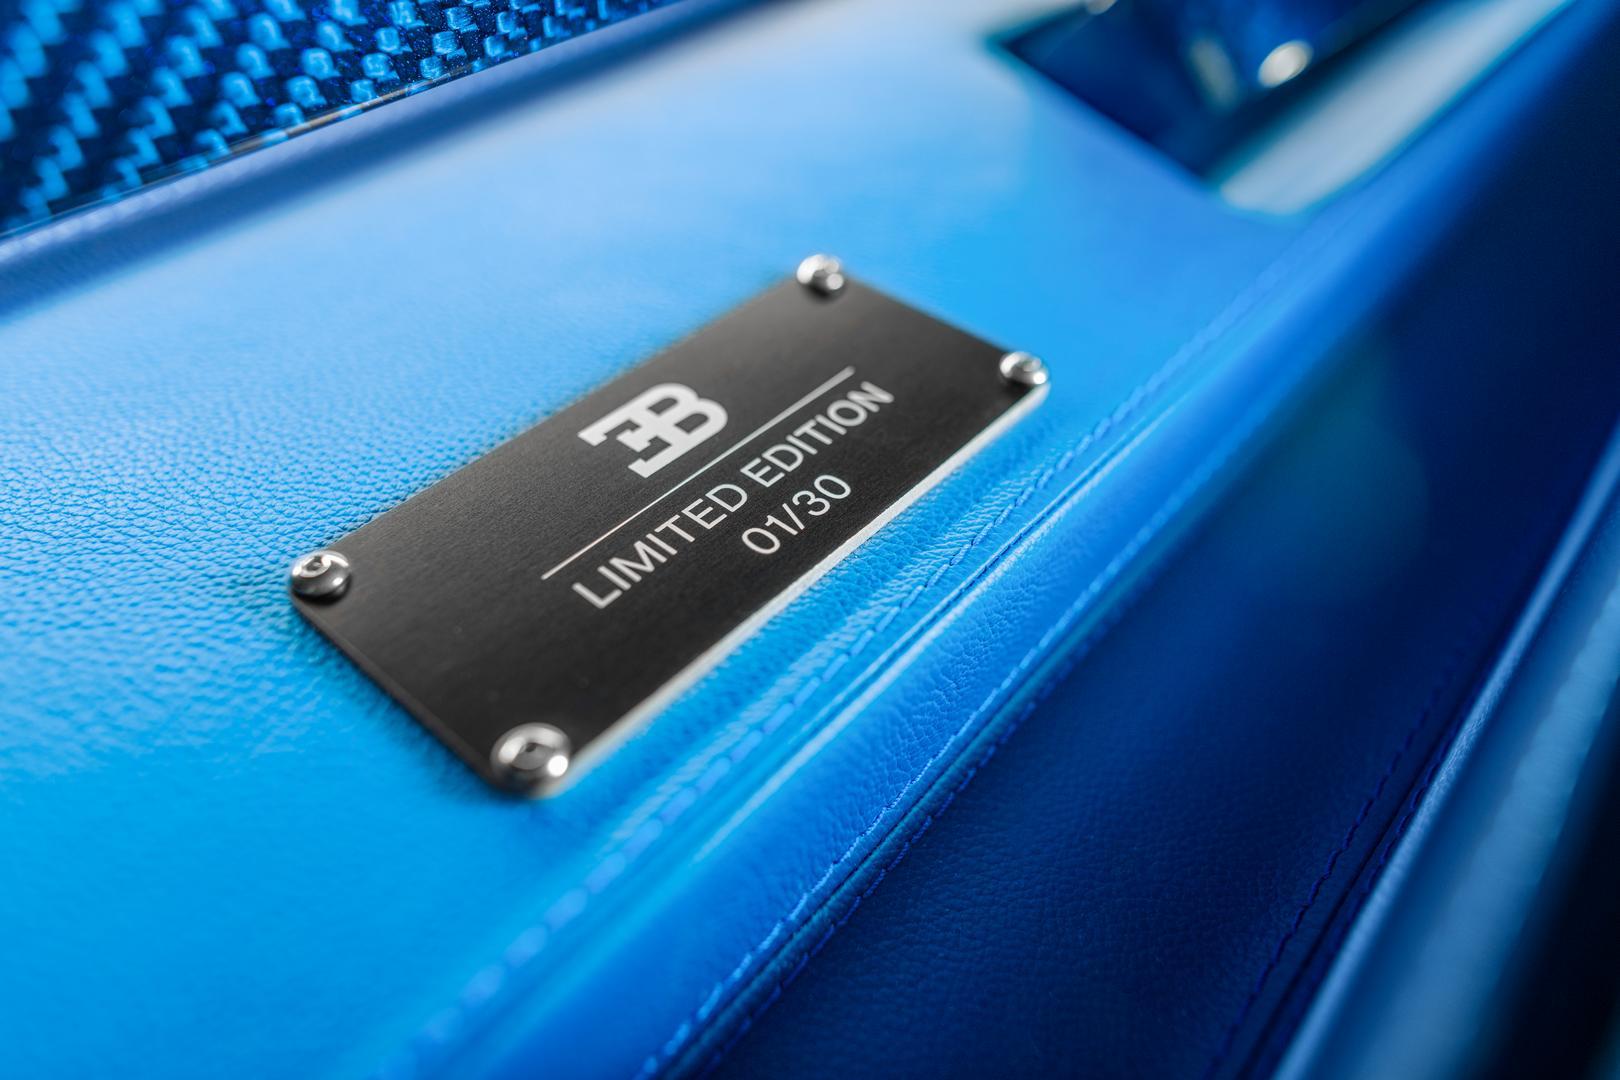 Кроме того, кии для бильярда из карбона имеют анодированные алюминиевые концы, обработанные на станке с ЧПУ, выполненные в том же дизайне, что и кнопки Bugatti Chiron и Divo.